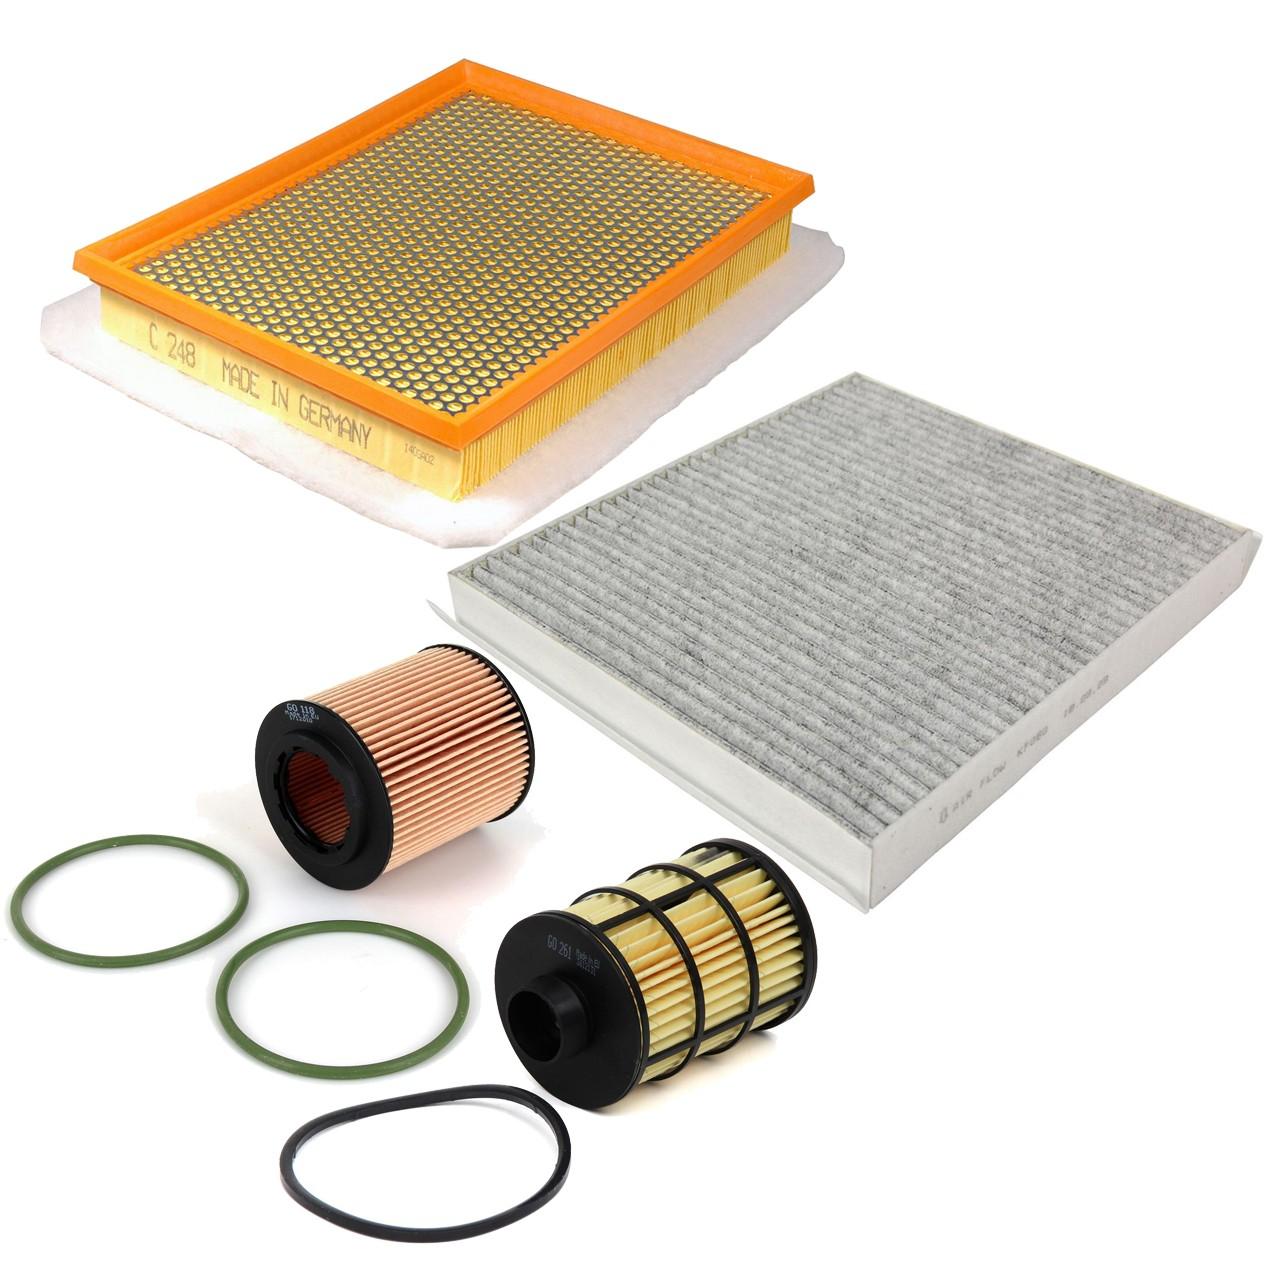 Inspektionskit Filterpaket Filterset für Opel Zafira B 1.9CDTI 100/120/150 PS